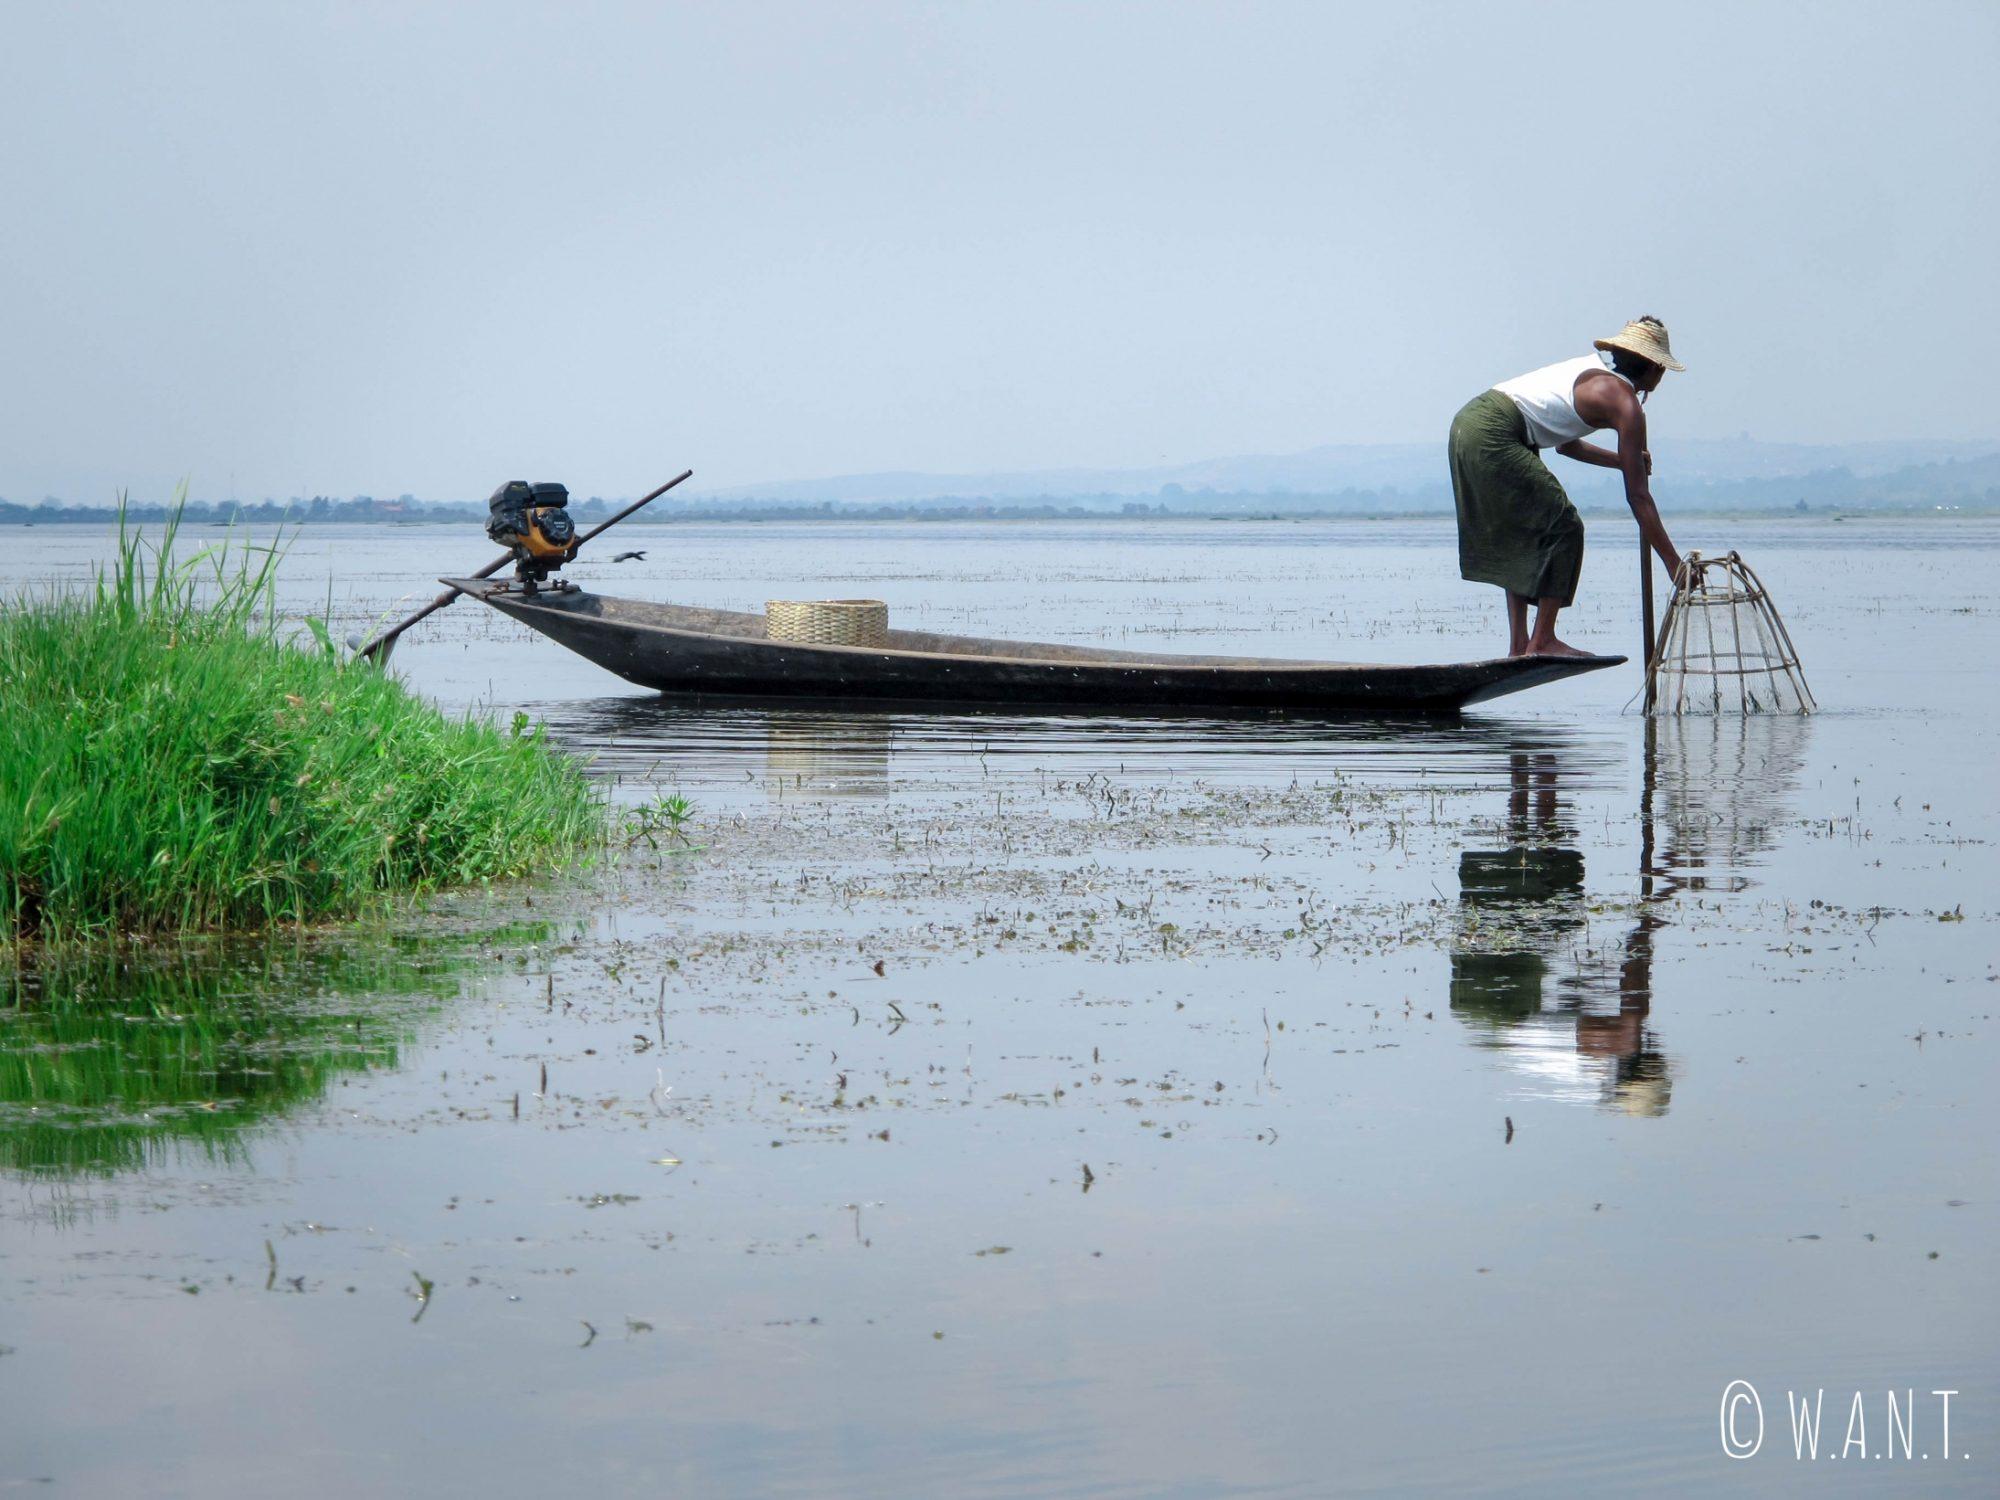 La nasse conique est indispensable au pêcheur Intha, qui la dépose depuis l'extrémité de sa barque